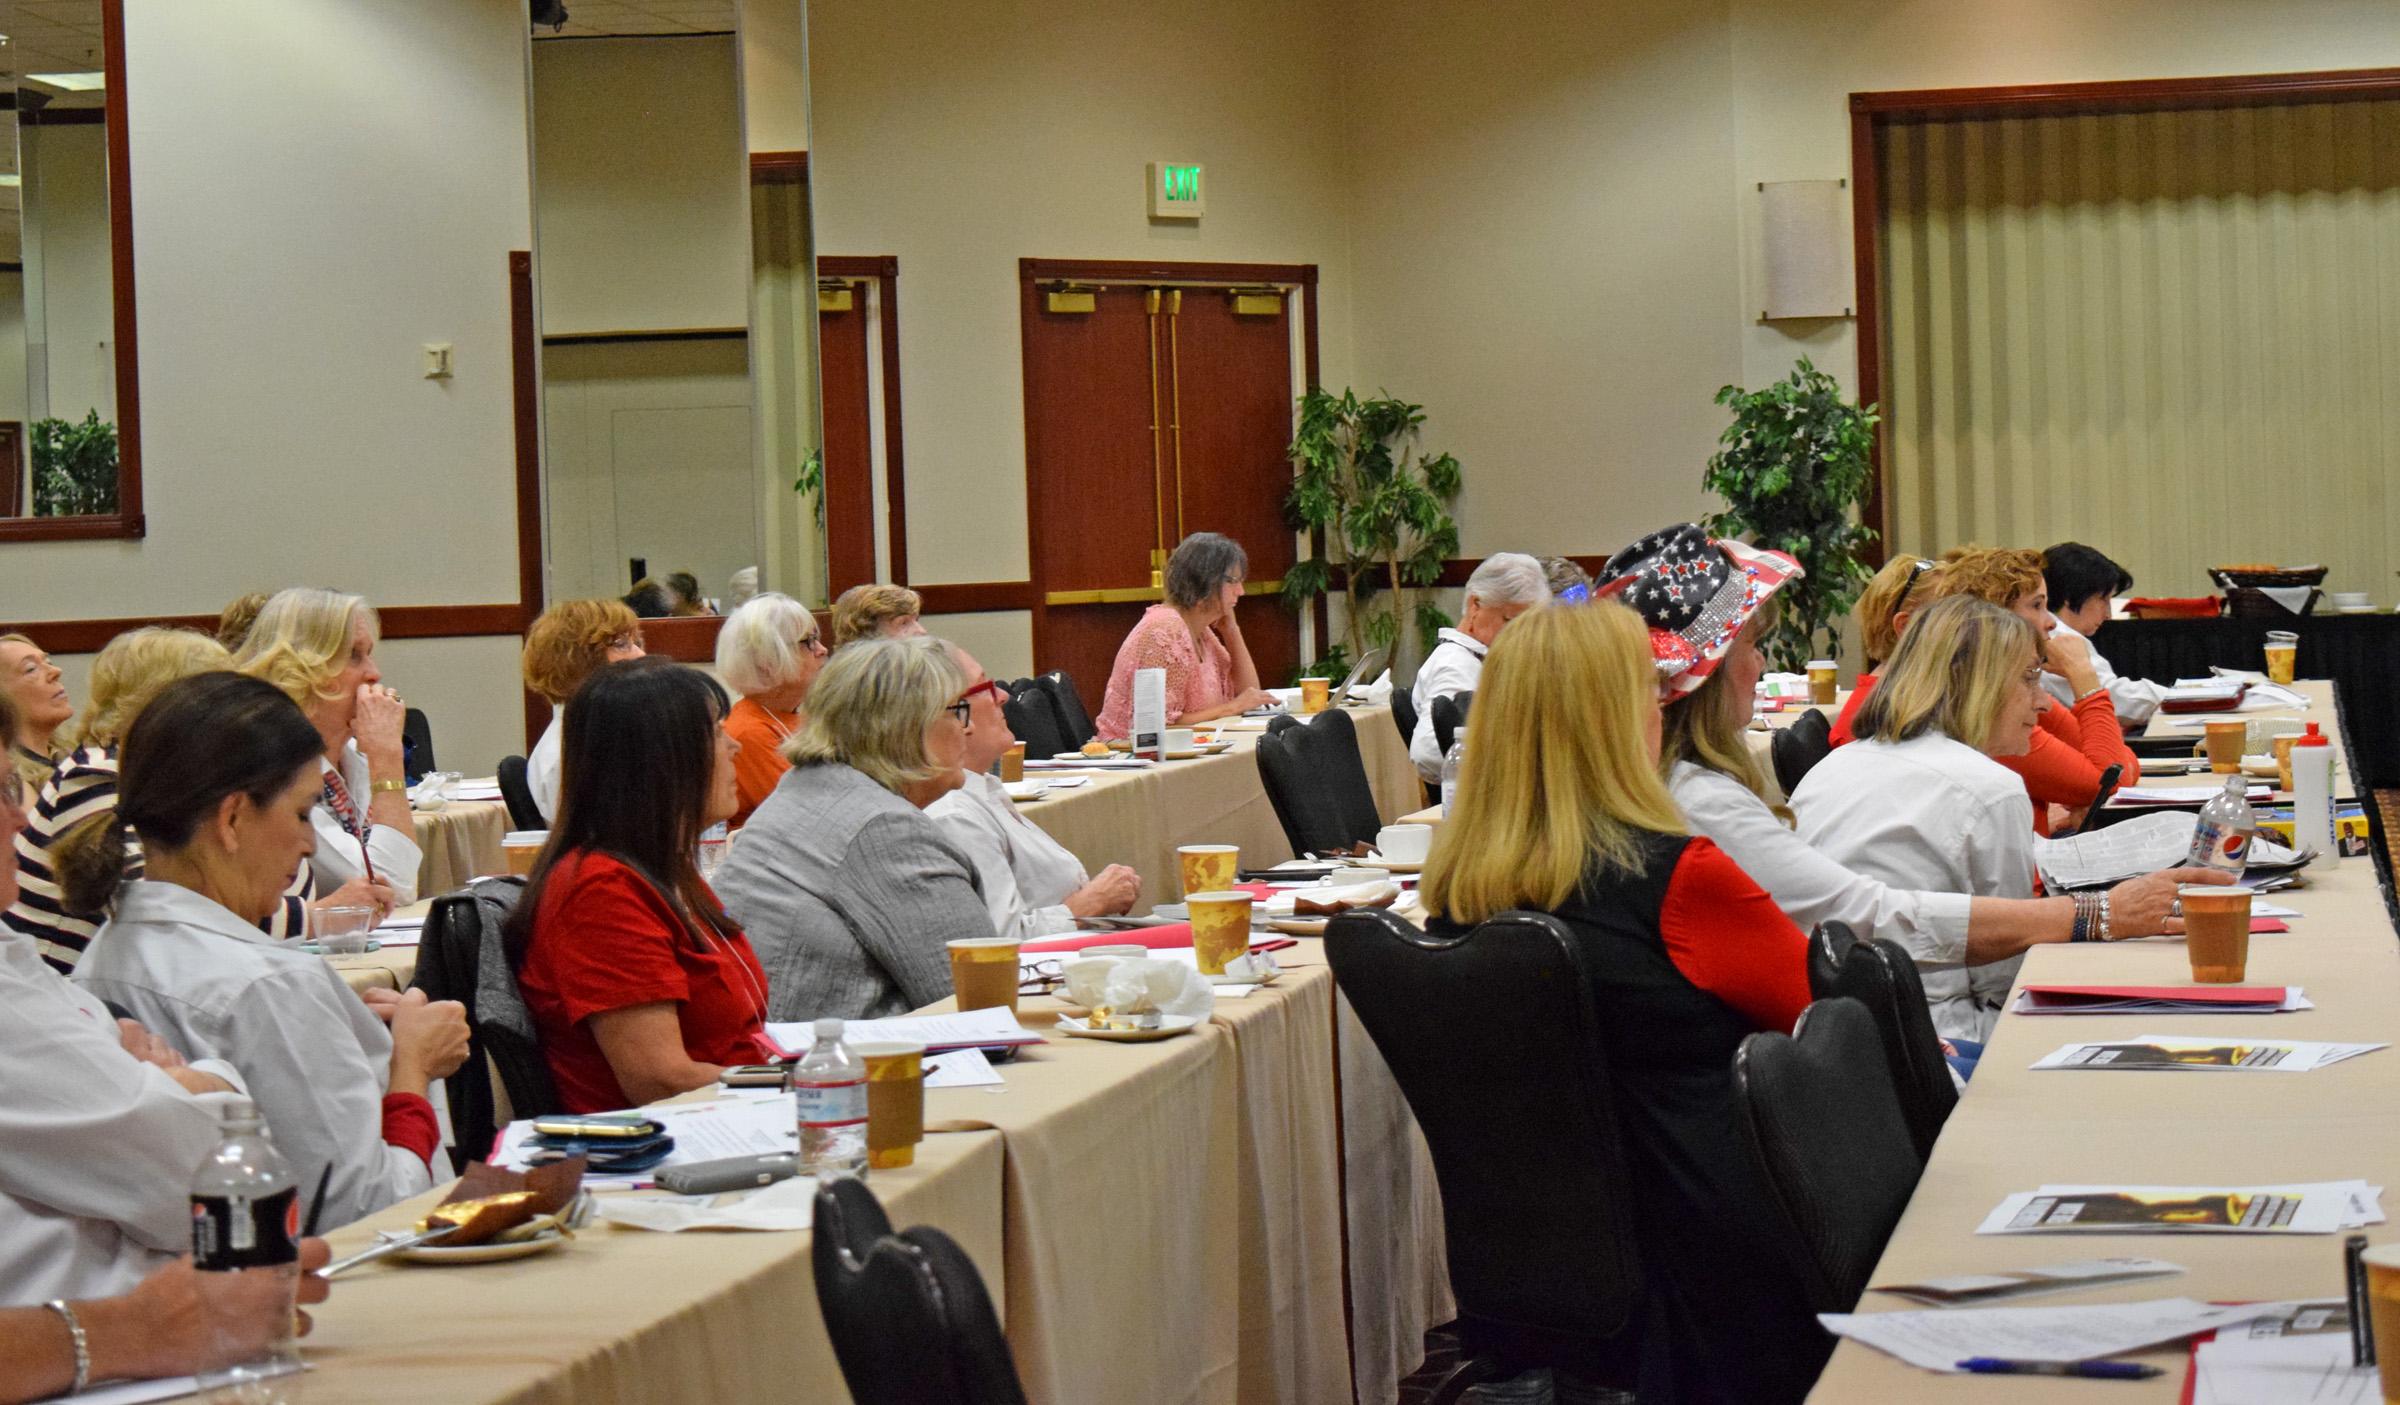 NvFRW Oct 13 2018 Fall Board Meeting Attendees.jpg